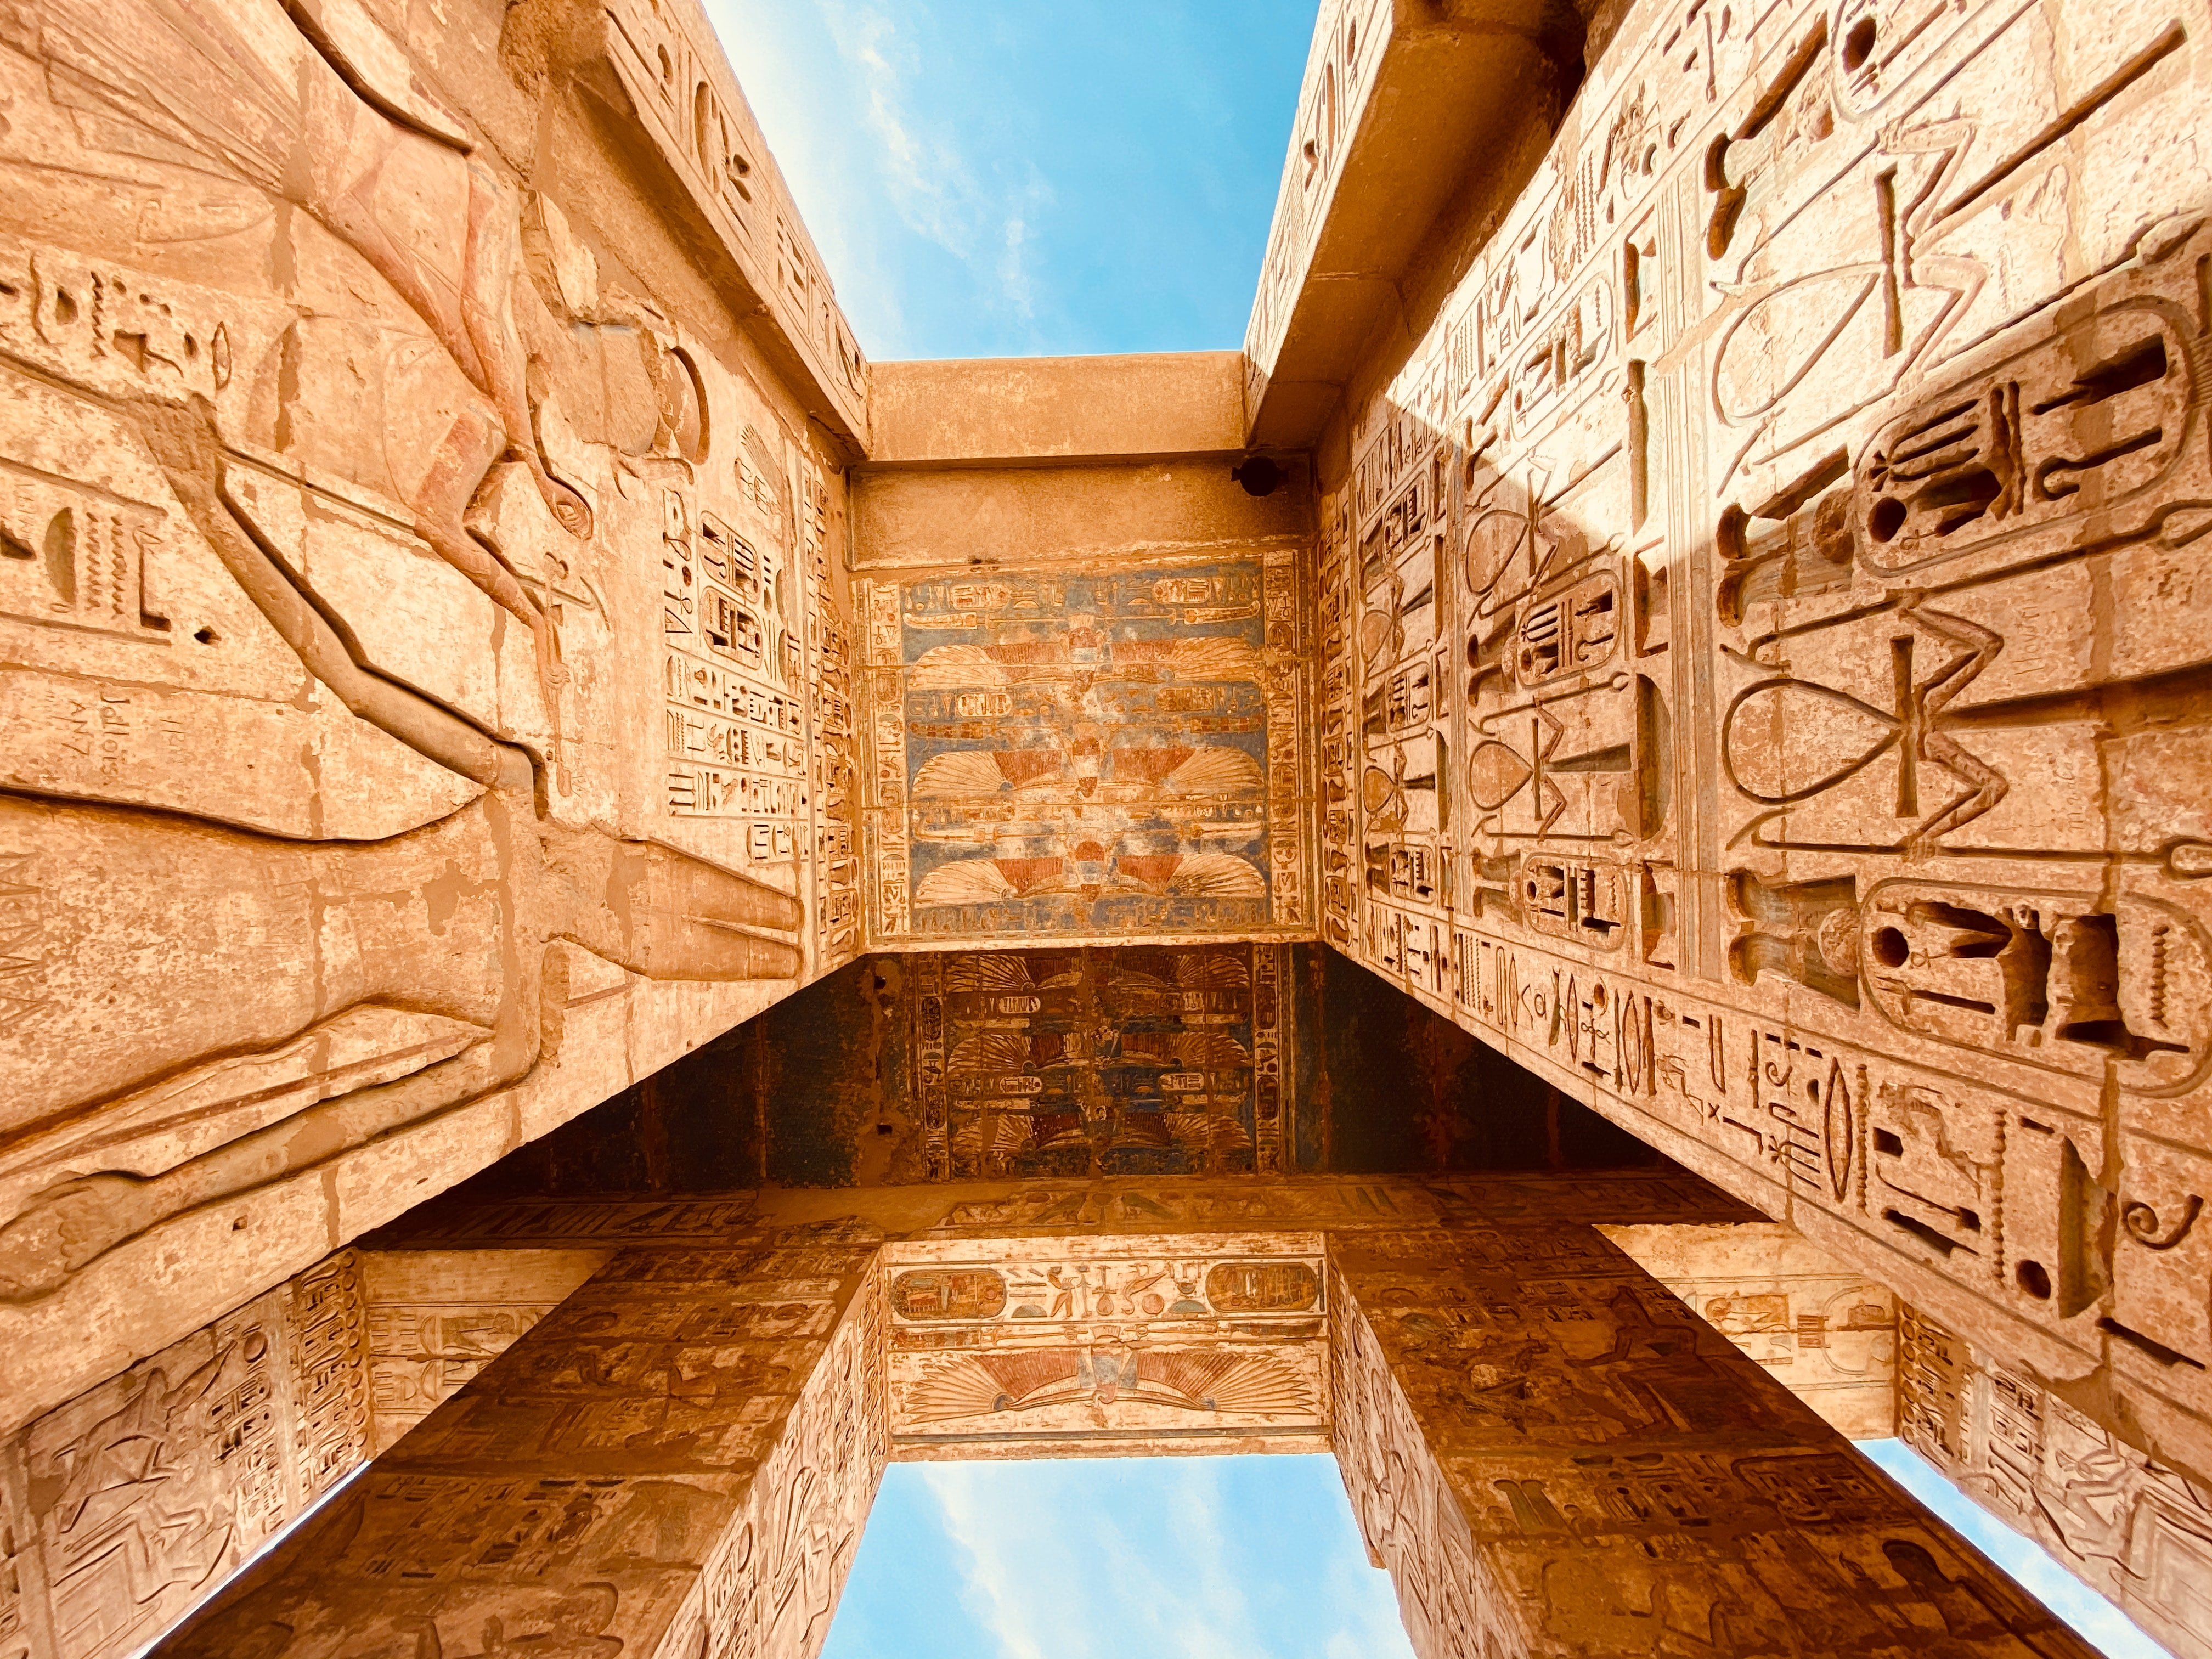 Antiguo Egipto: etapas